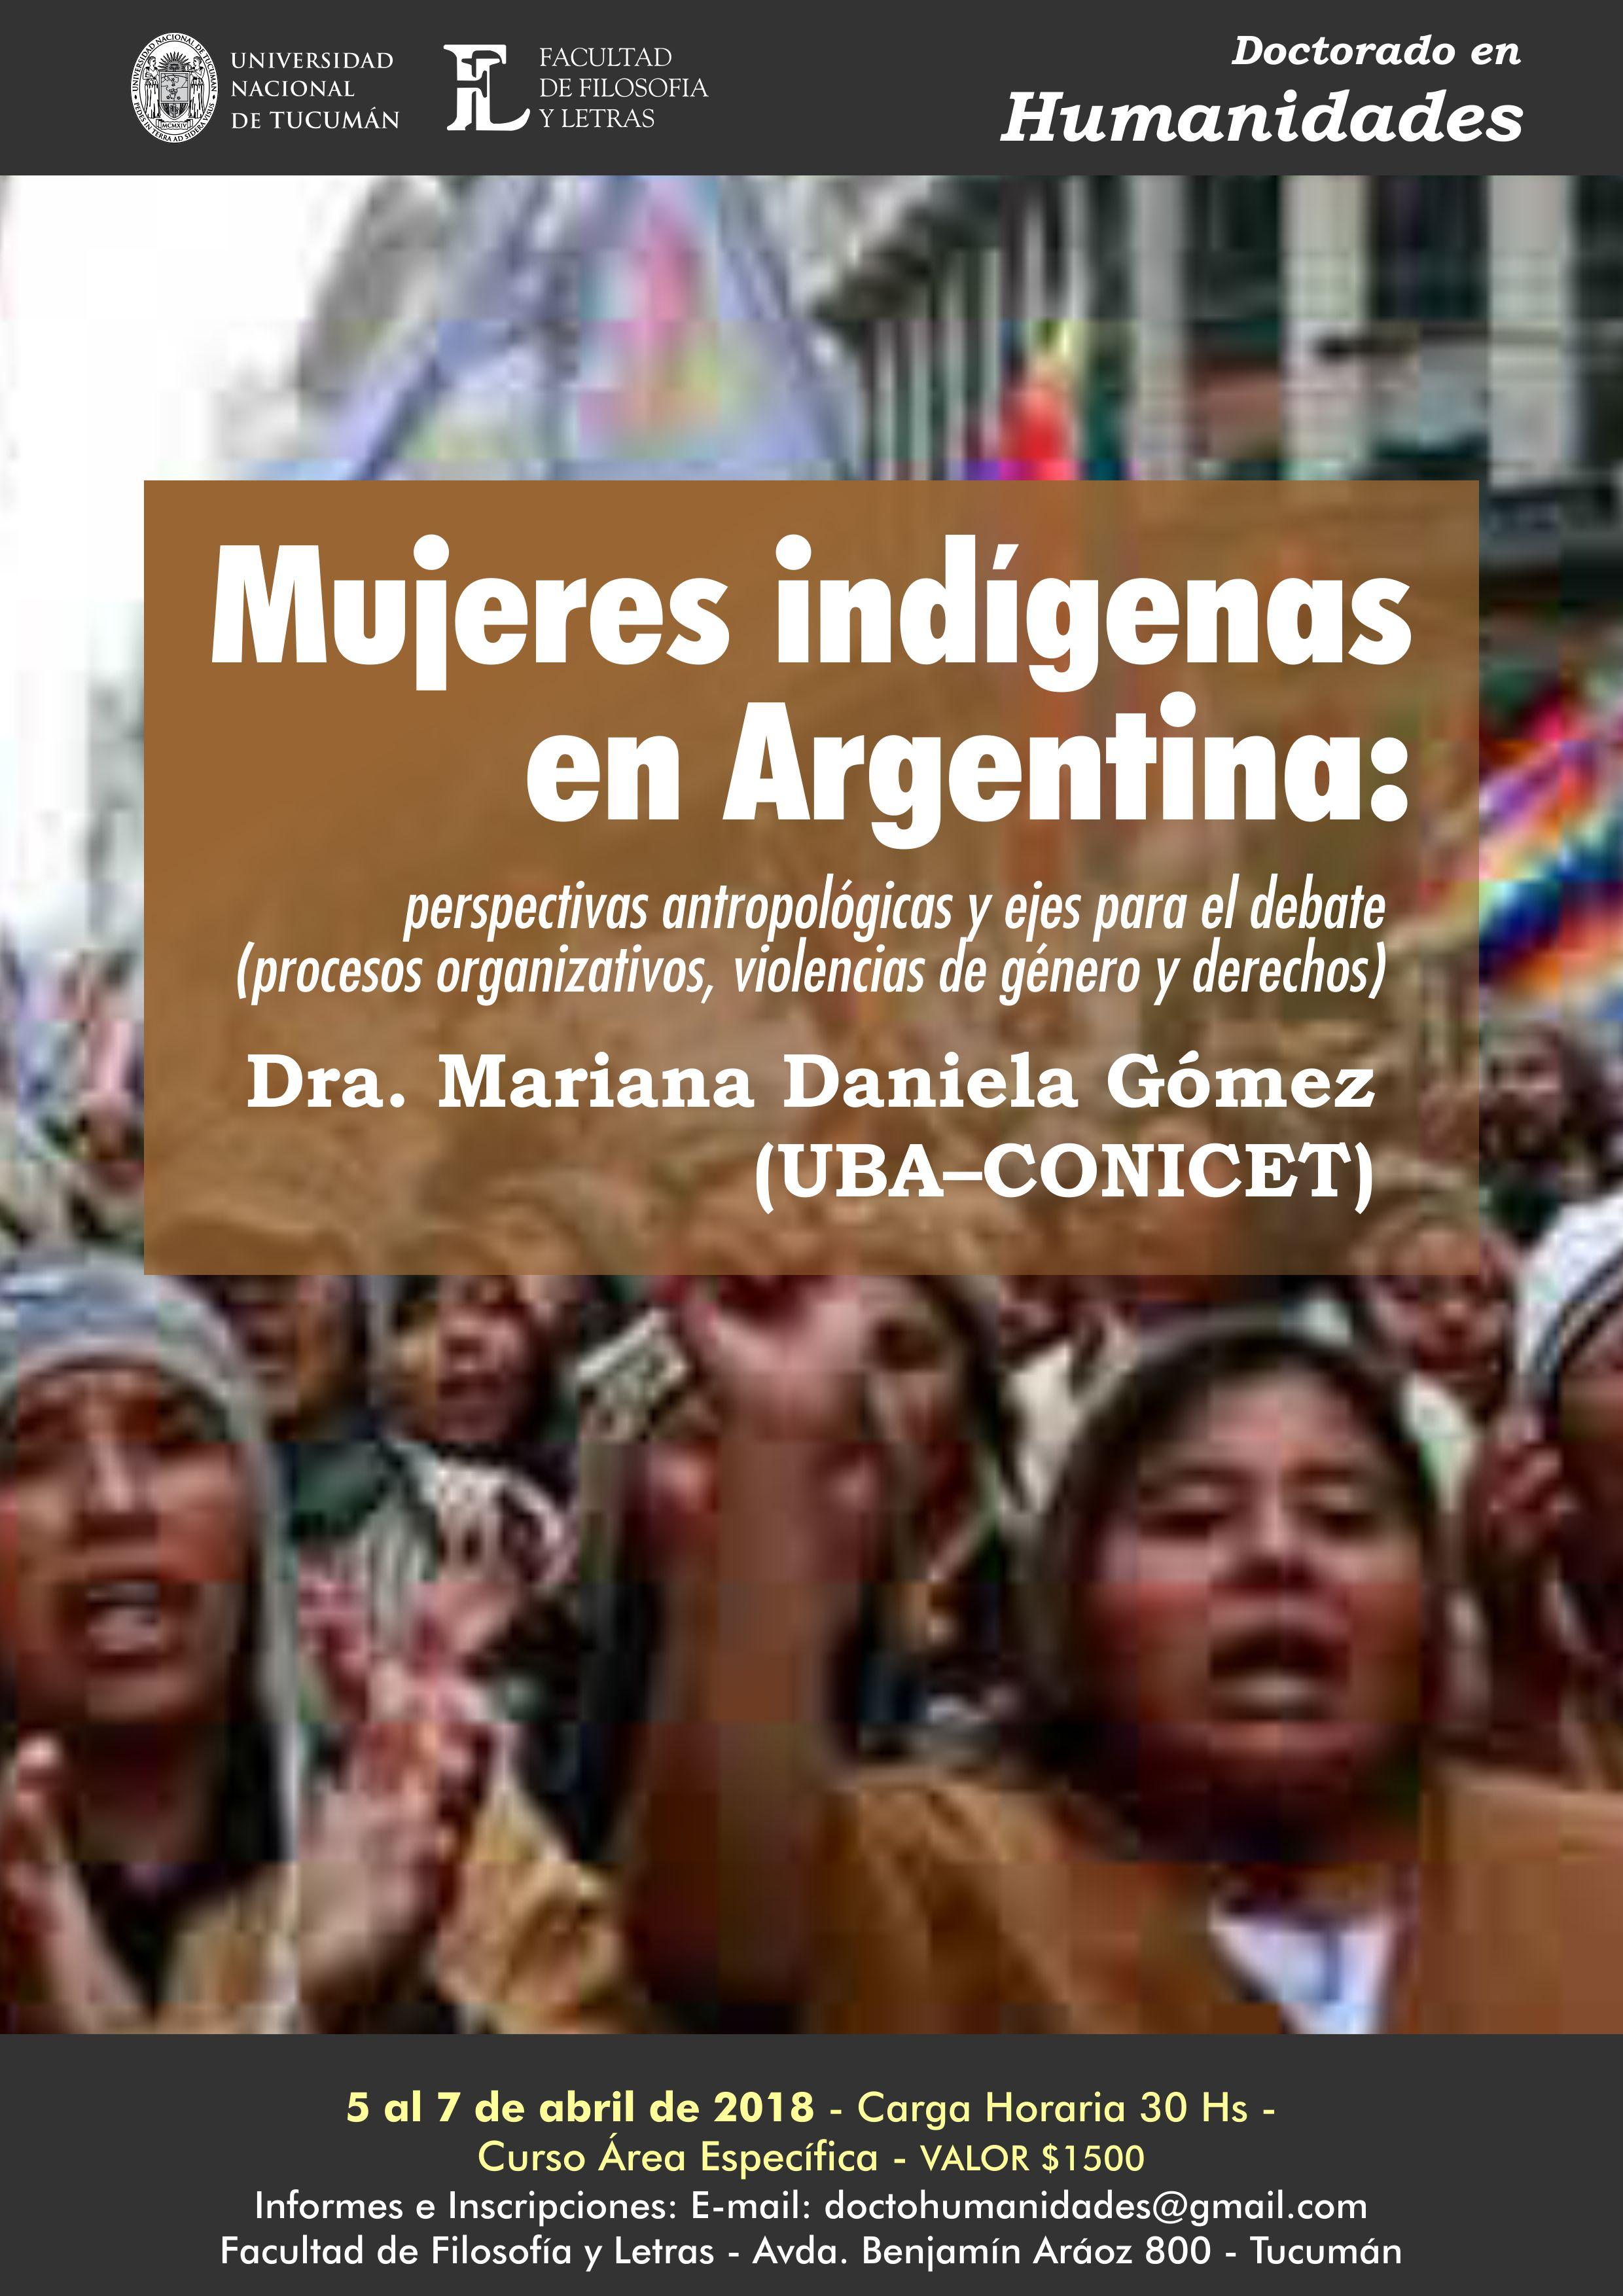 Curso de posgrado Mujeres indígenas